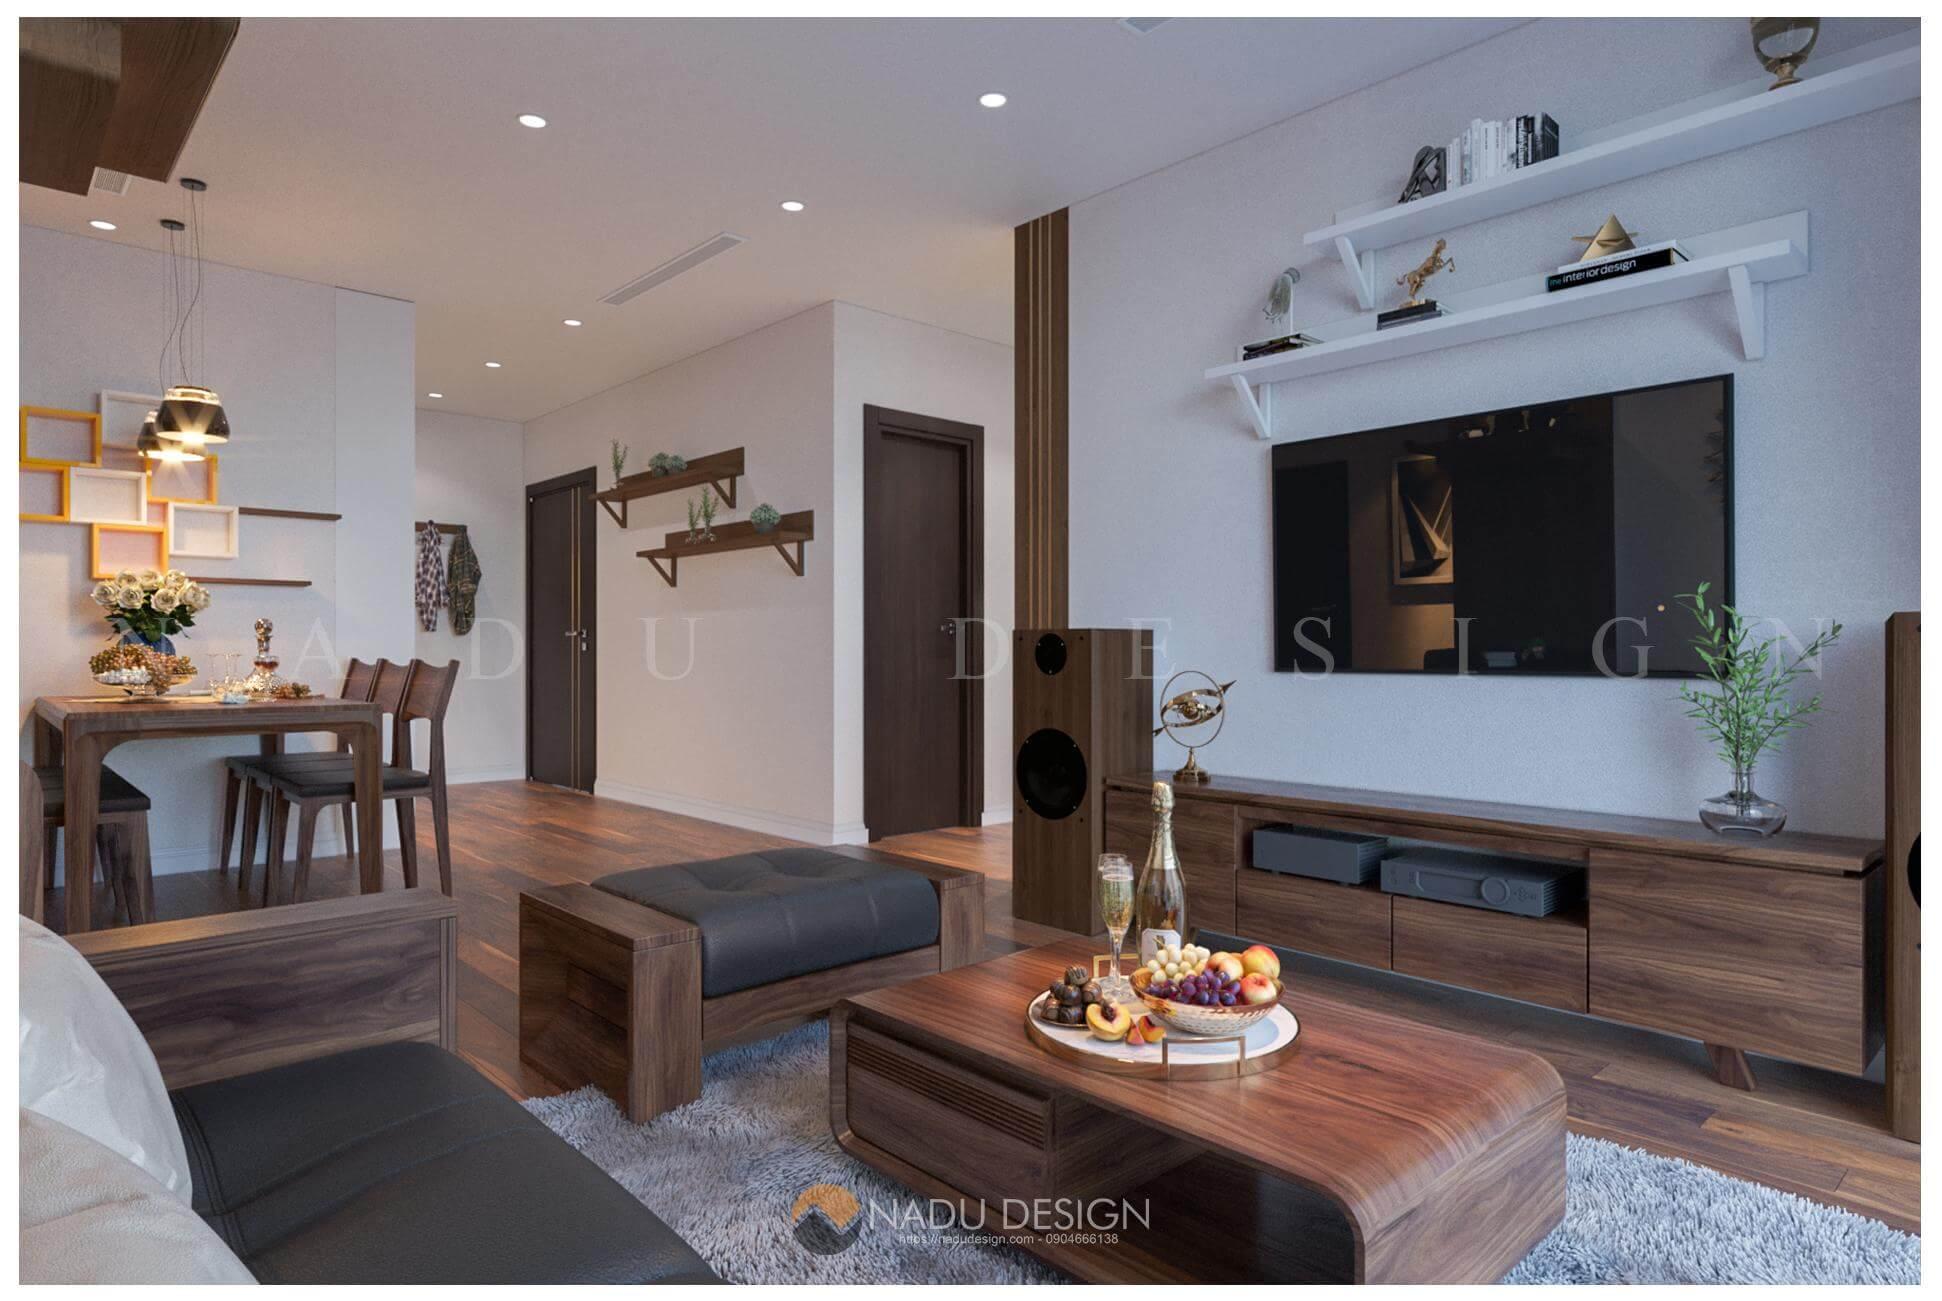 thiết kế nội thất căn hộ vinhomes west point nhà chị Huệ